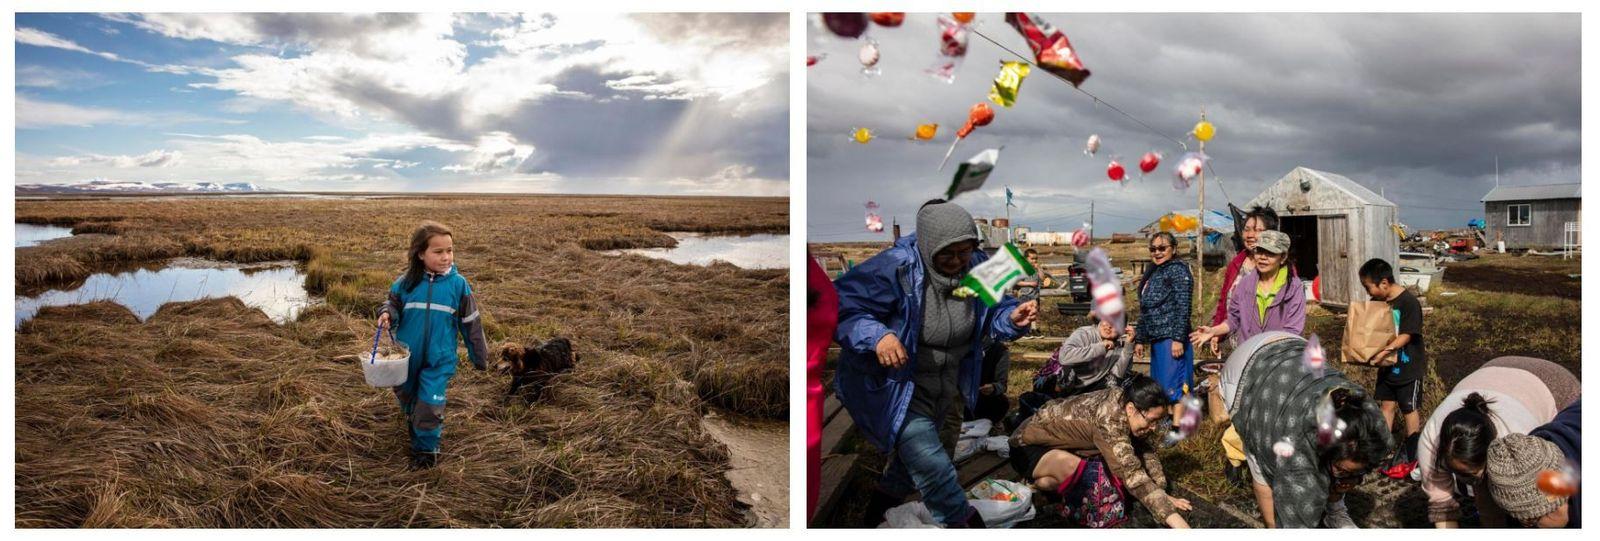 Esquerda: Kaliegh Charles recolhe ovos de ganso com a sua família ao longo do rio Ninglick. ...